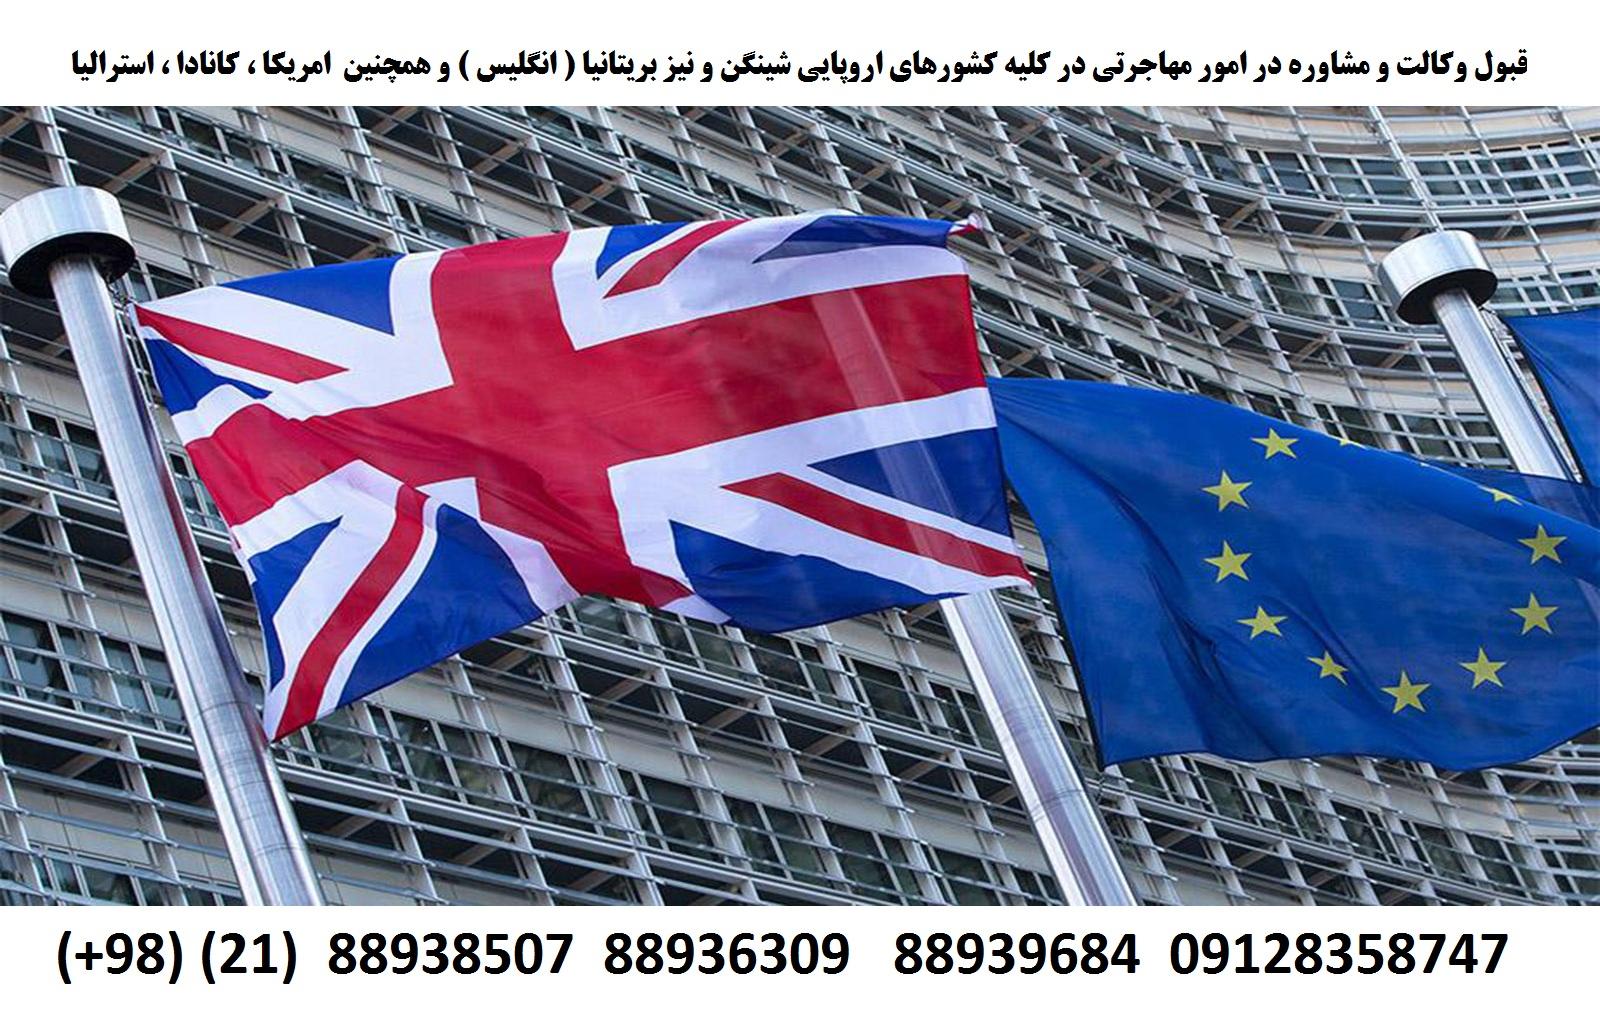 وکیل مهاجرتی در کلیه کشورها (3)